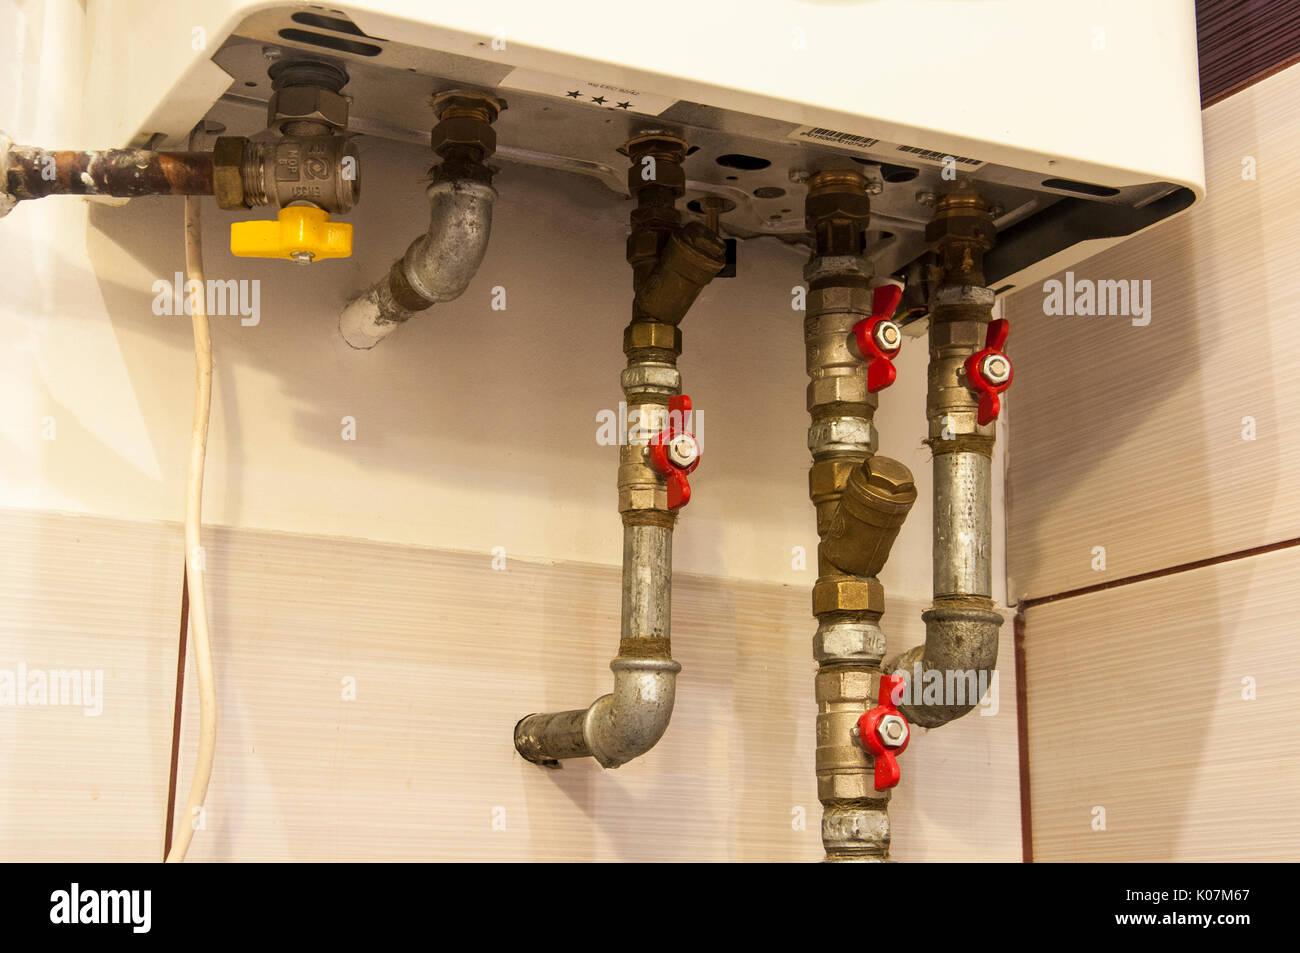 Ein Wasser- und Gasleitungen aus Bad Kessel Heizung Stockfoto, Bild ...